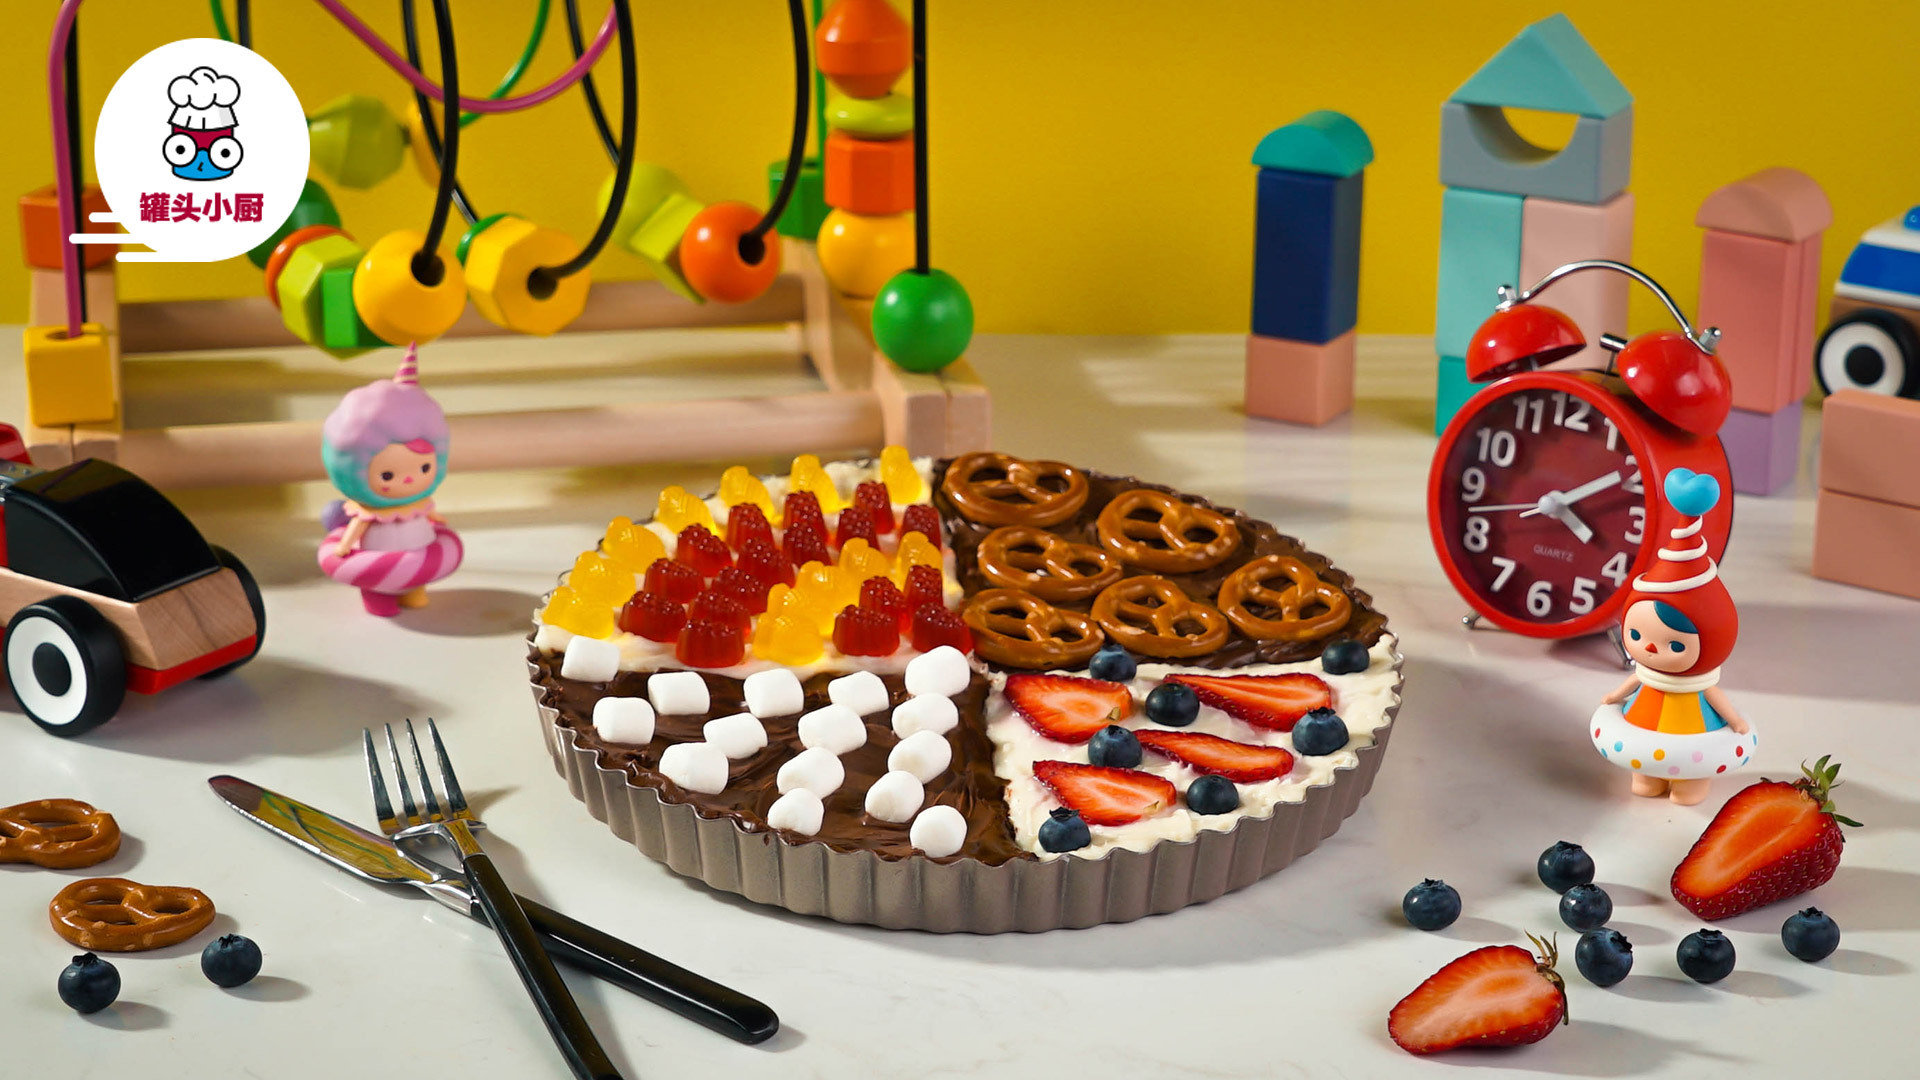 为了这口糖果饼干披萨,我想天天过儿童节